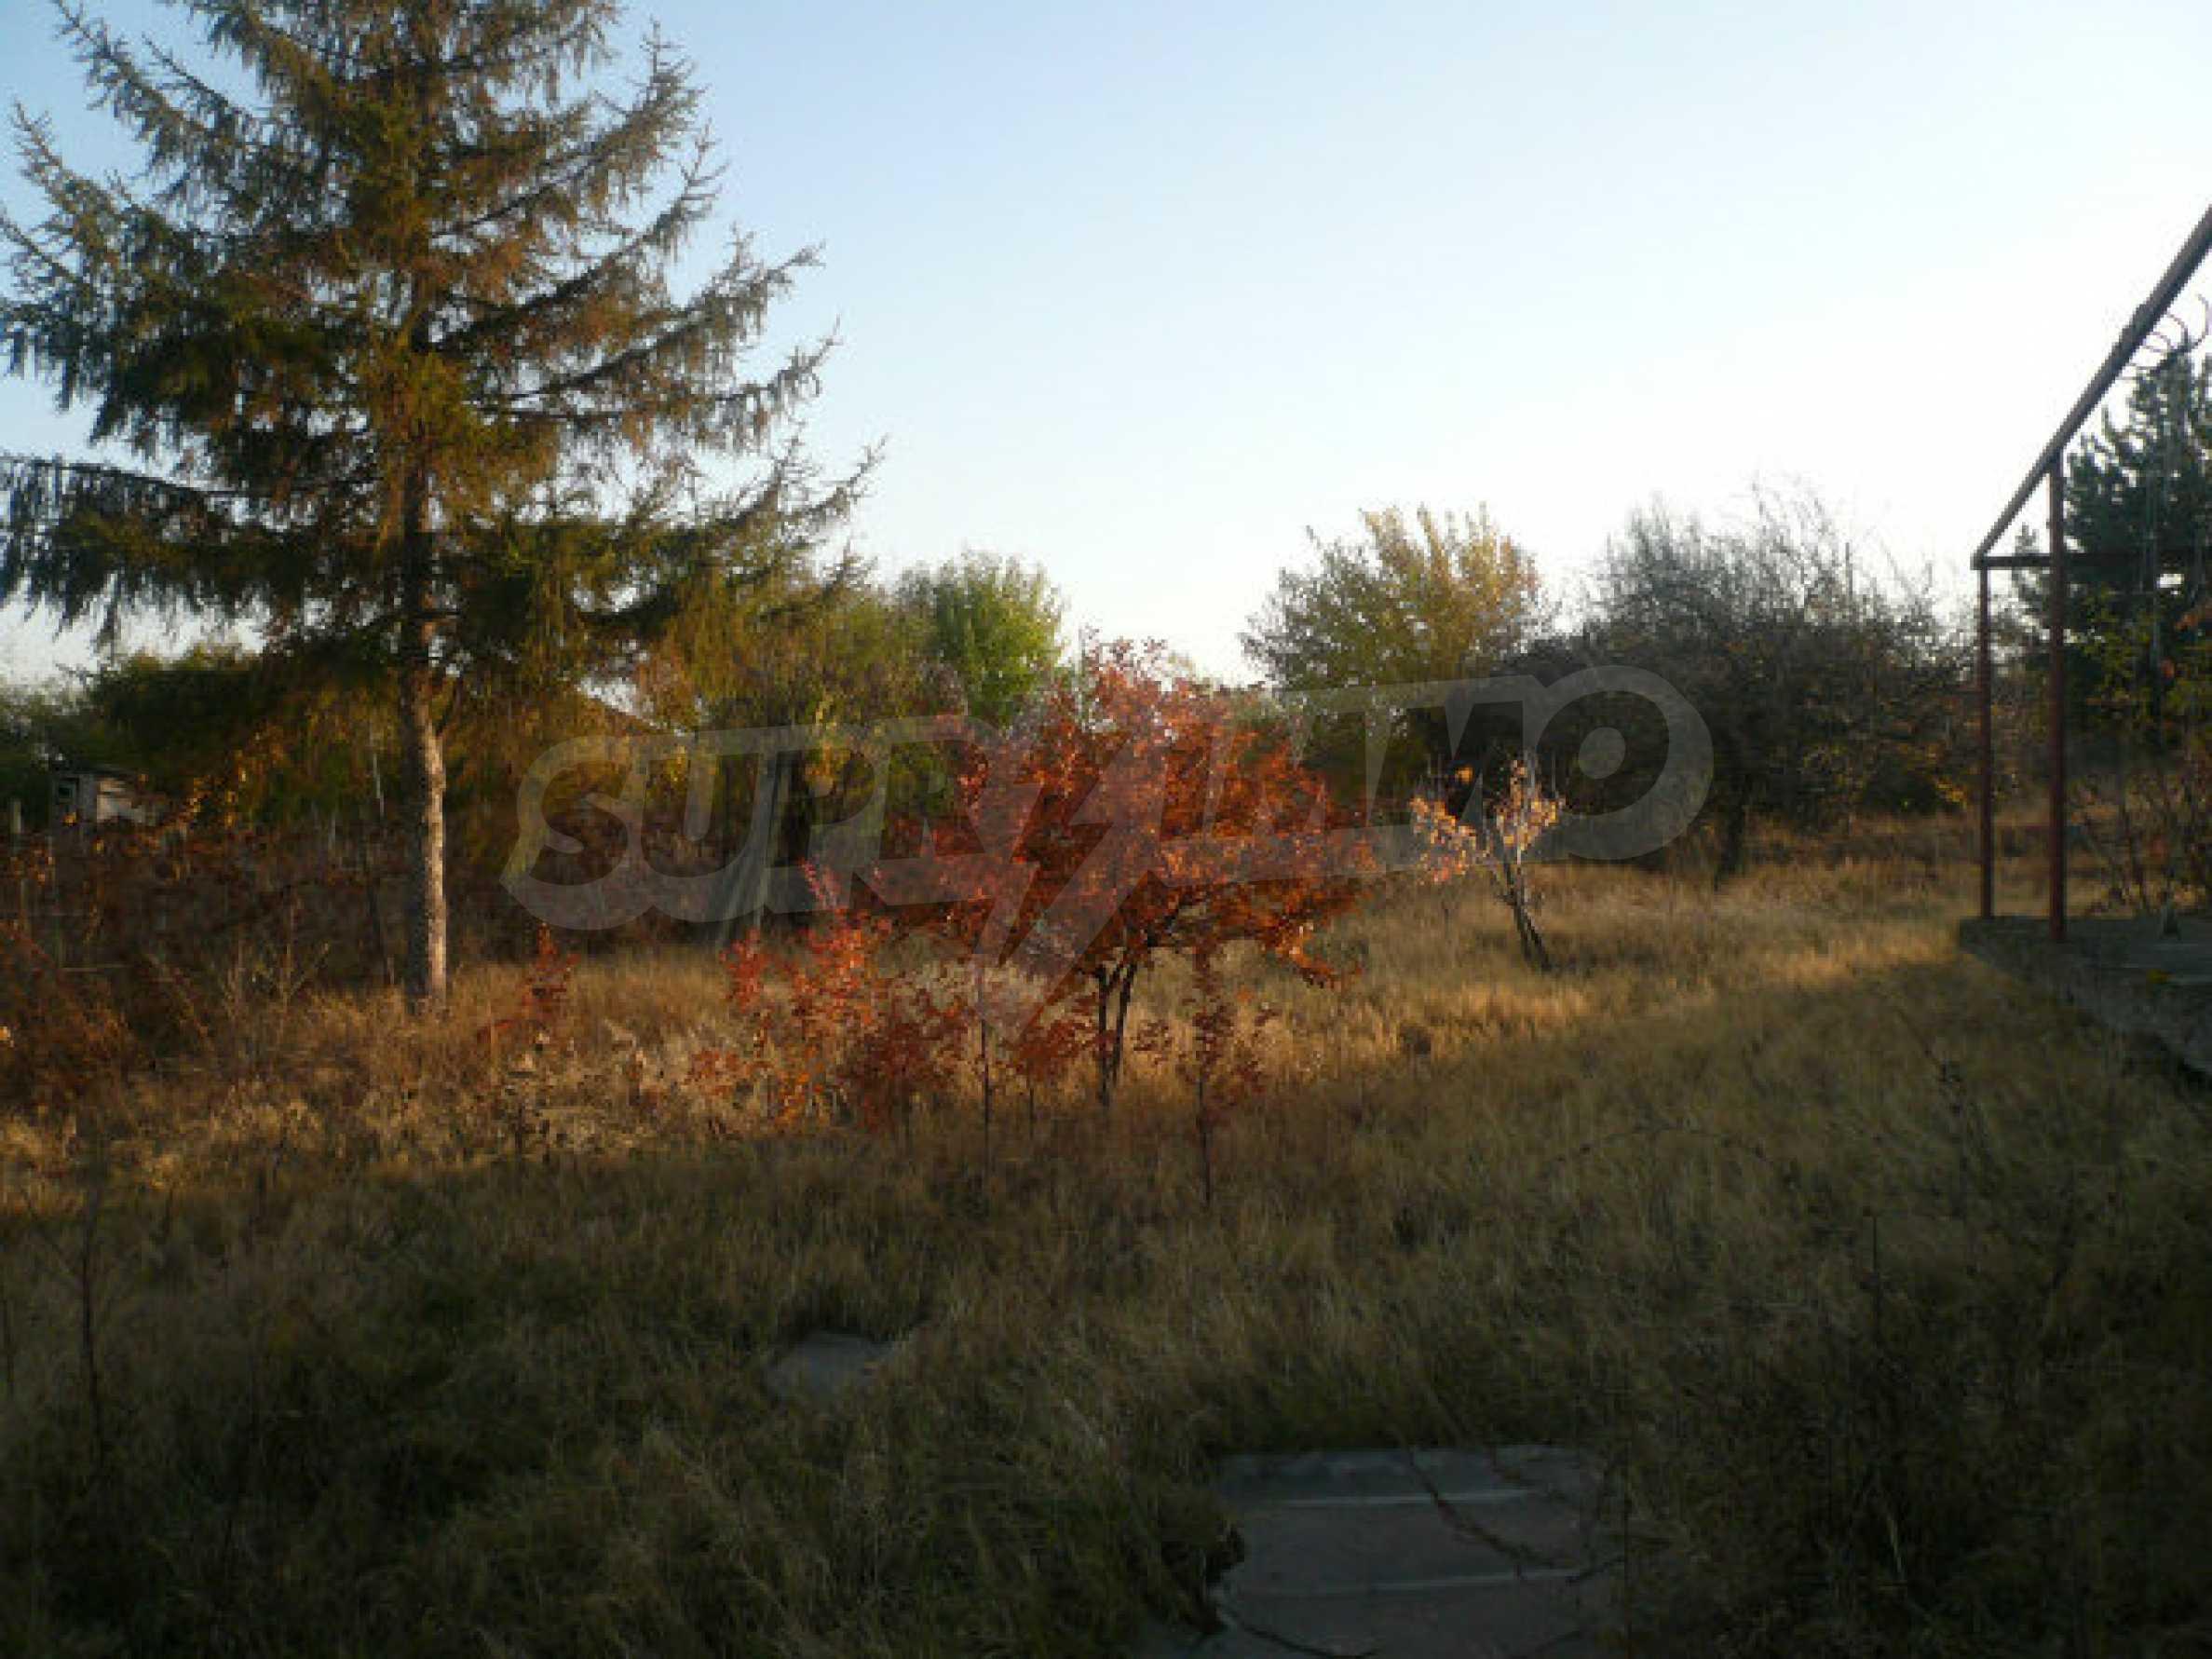 Haus zum Verkauf in der Nähe von Vidin, Bulgarien 3